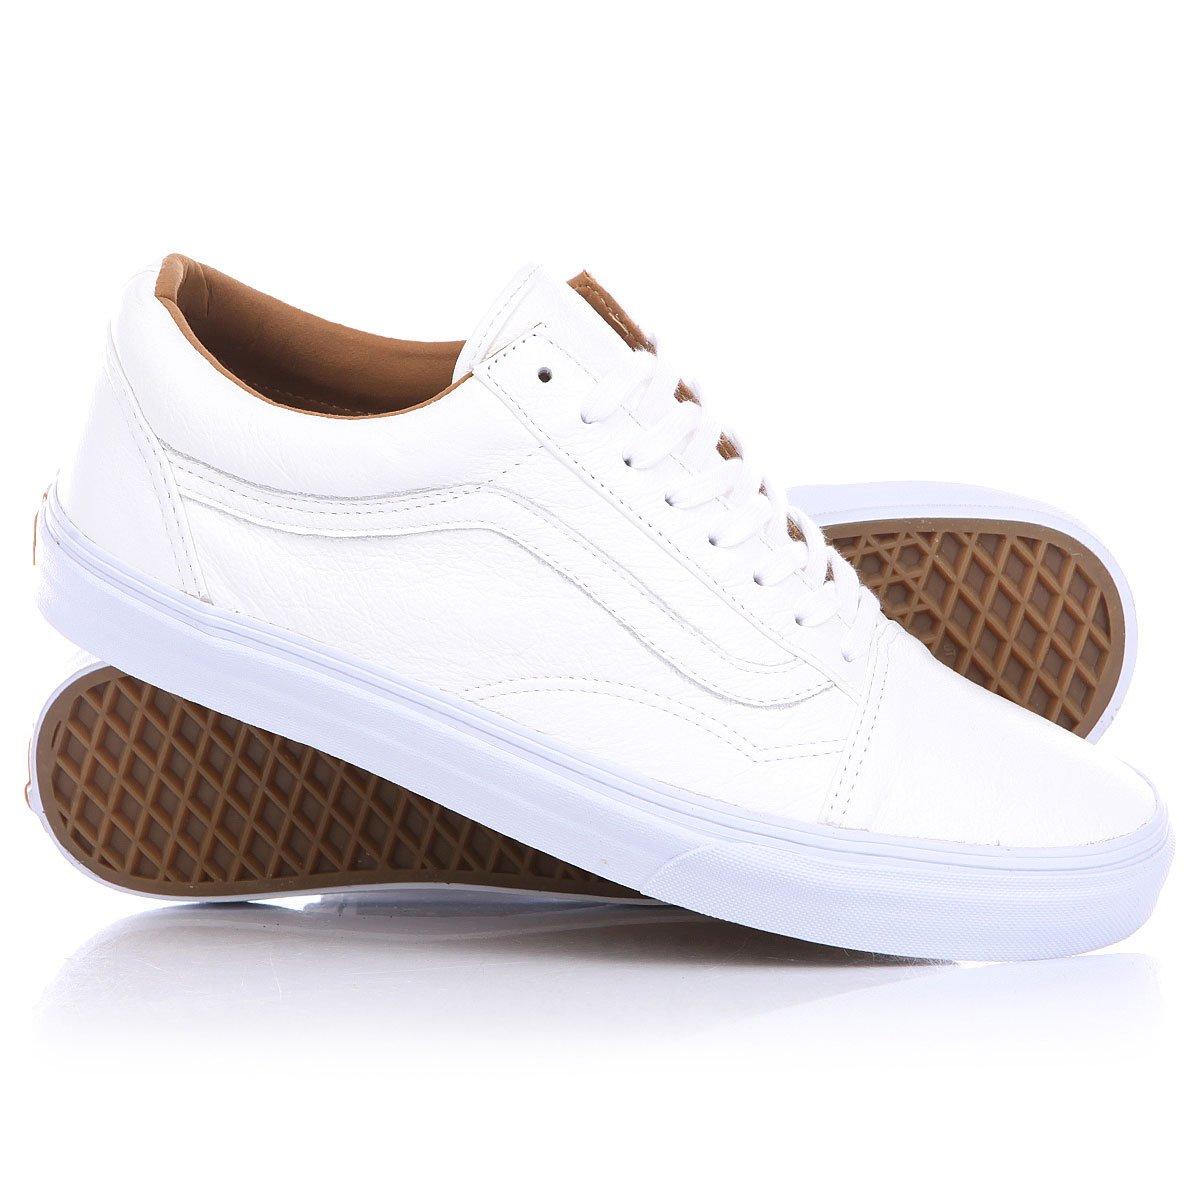 Купить кеды низкие Vans Old Skool White в интернет-магазине Proskater.ru 2d794ae5829